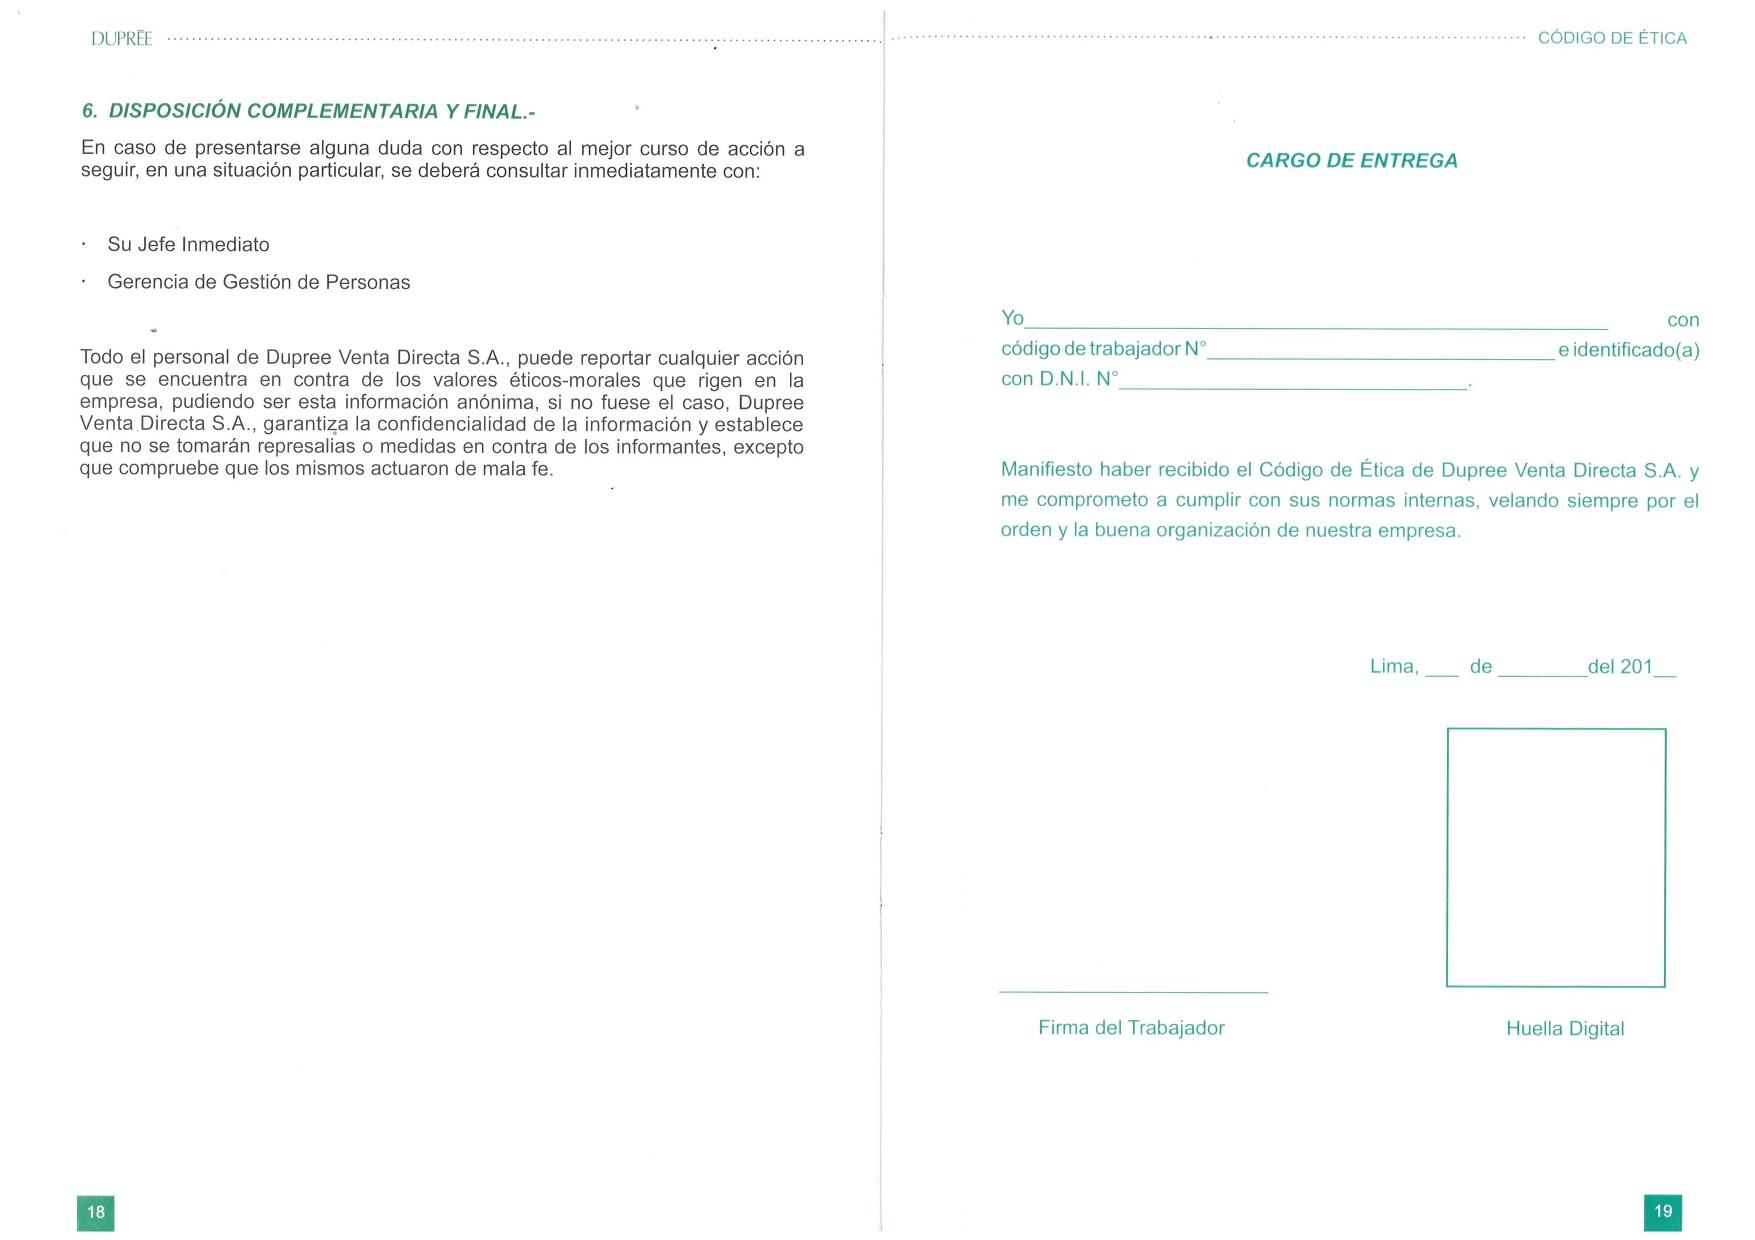 codigo-de-etica8